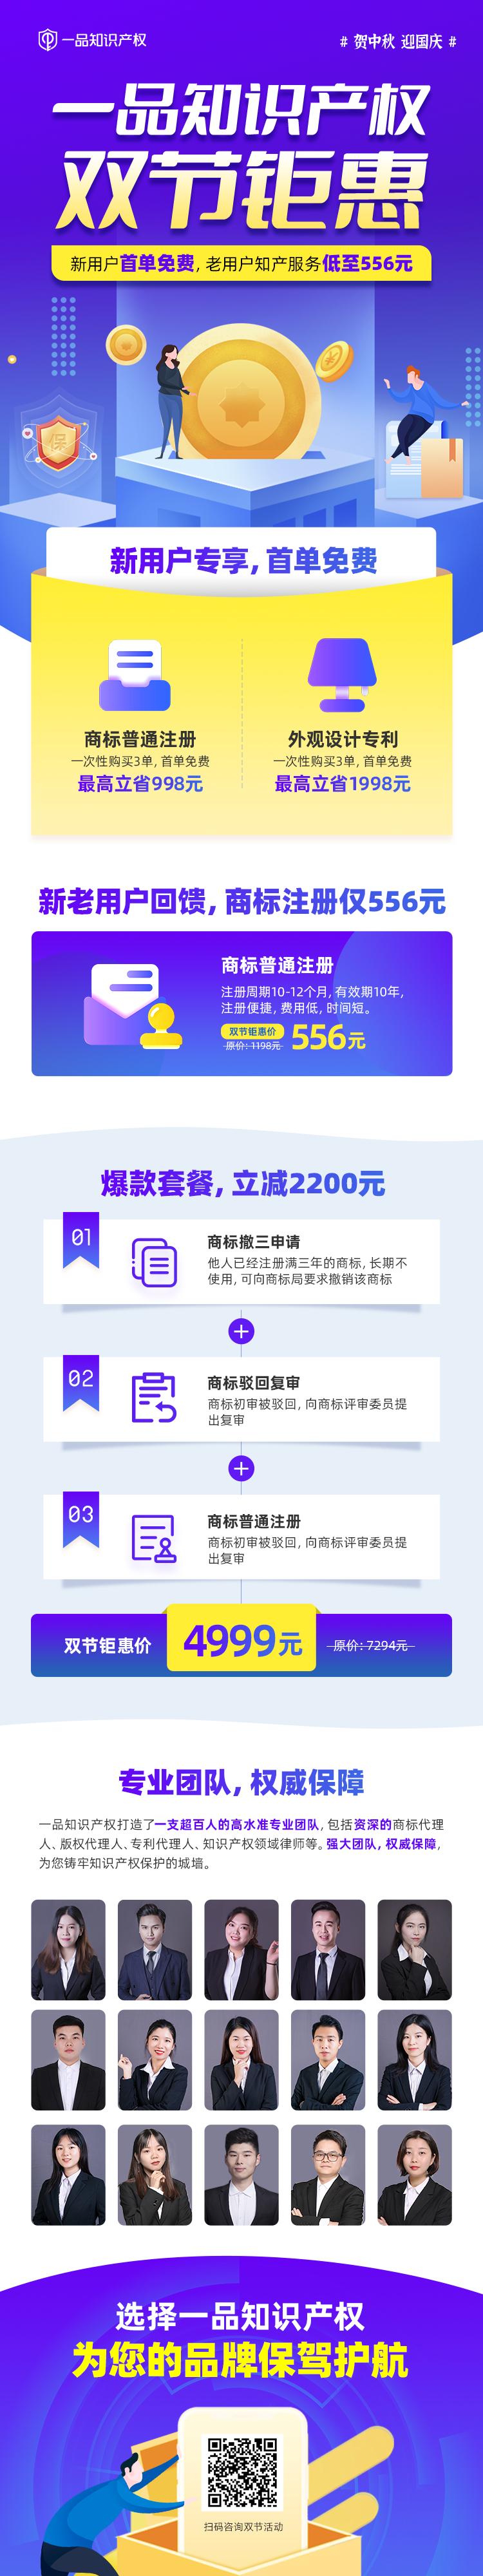 【一品知识产权】双节钜惠!注册商标有礼,新用户首单免费+老用户低至556元!